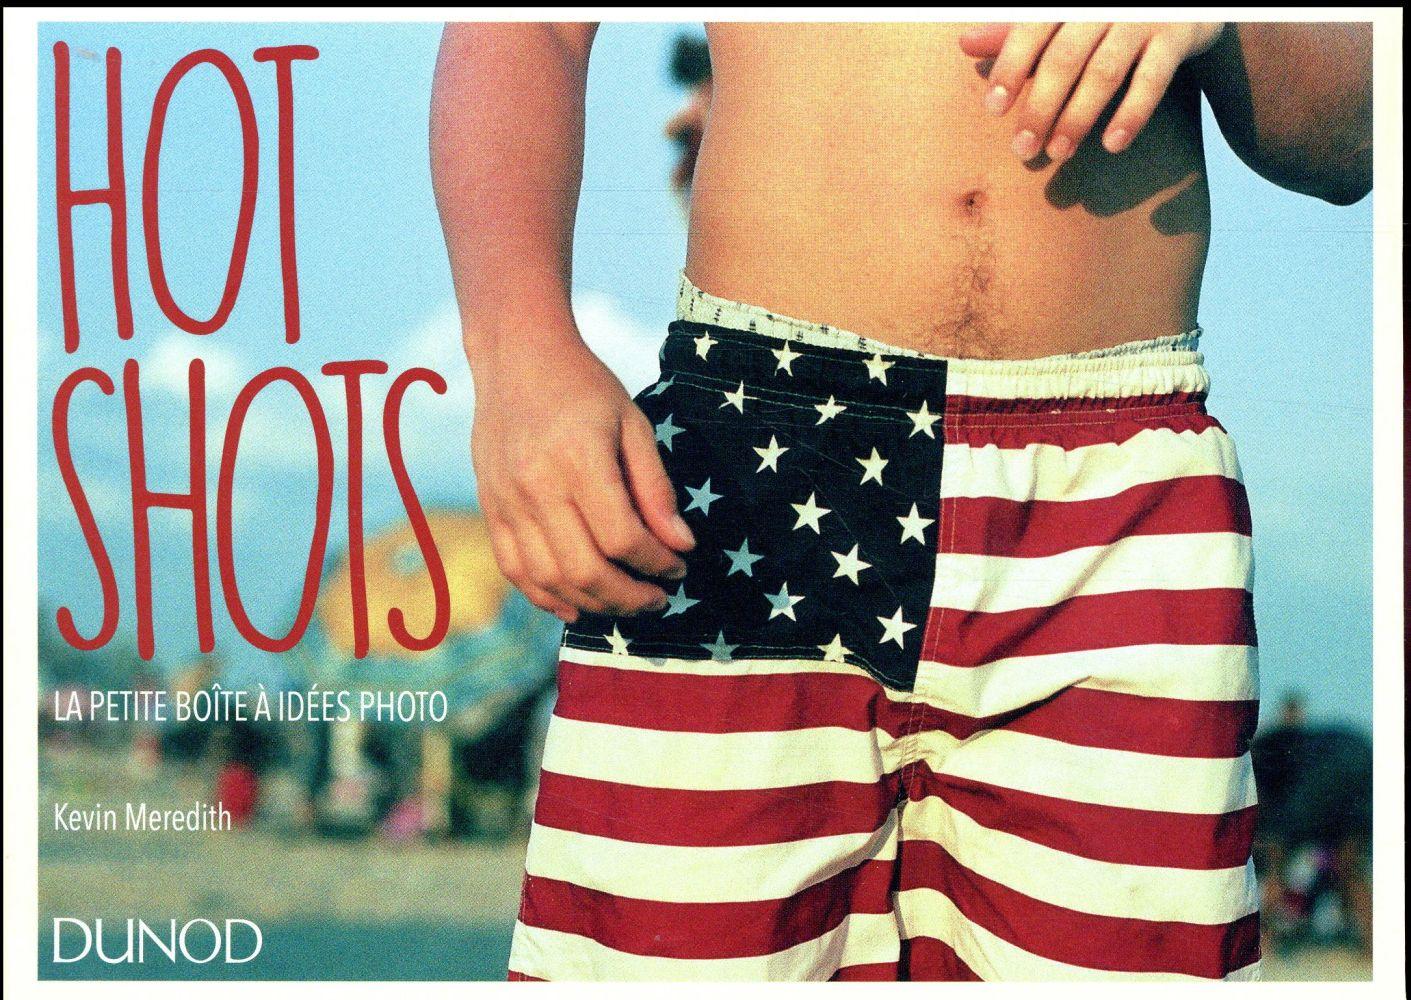 Hot shots ; la petite boîte à idées photo